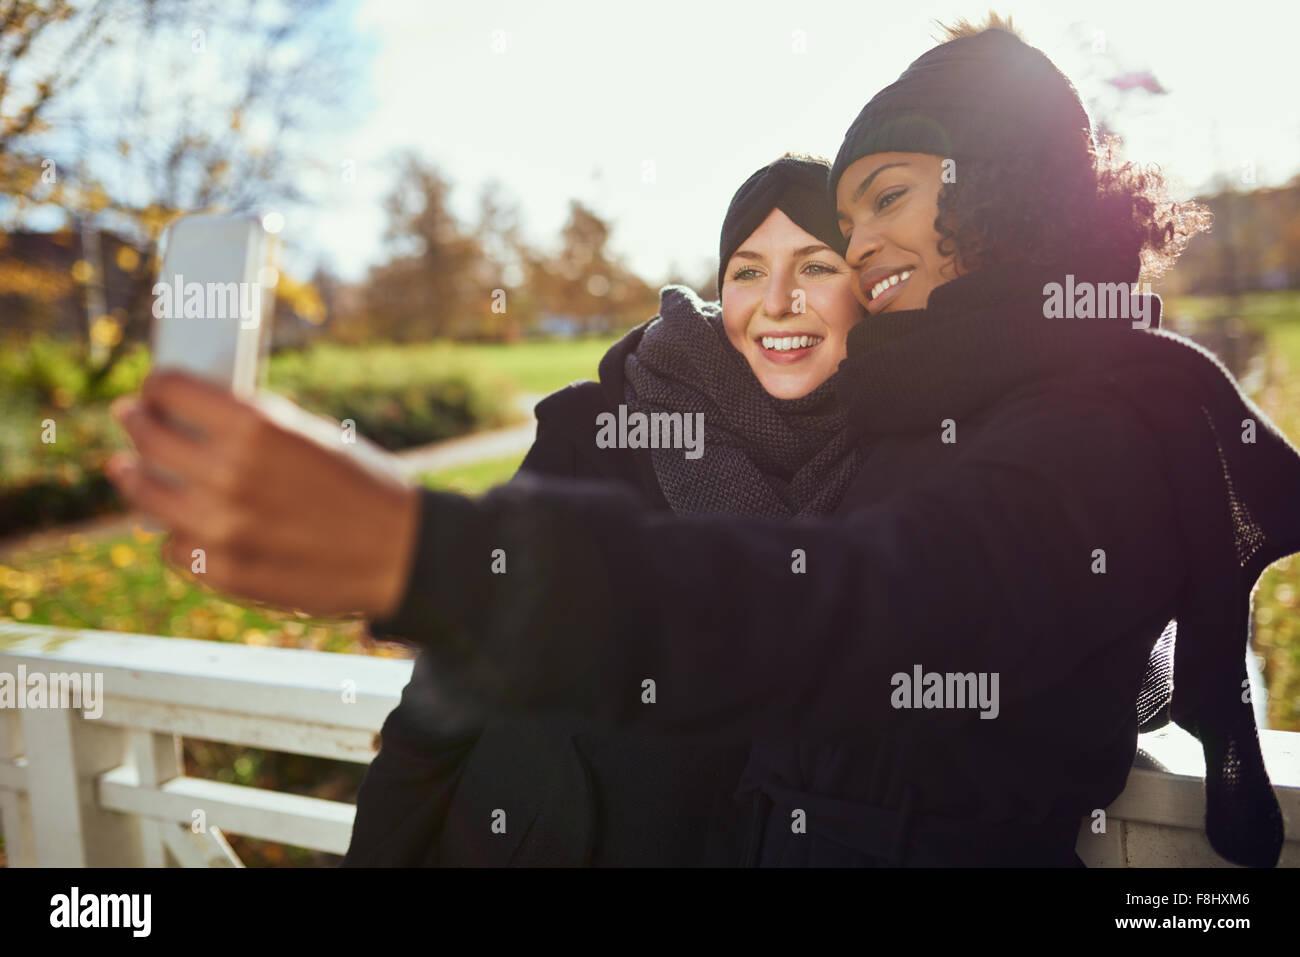 Zwei lächelnde junge Frauen in warme Kleidung nehmen Selfie gegen herbstliche Park Stockbild